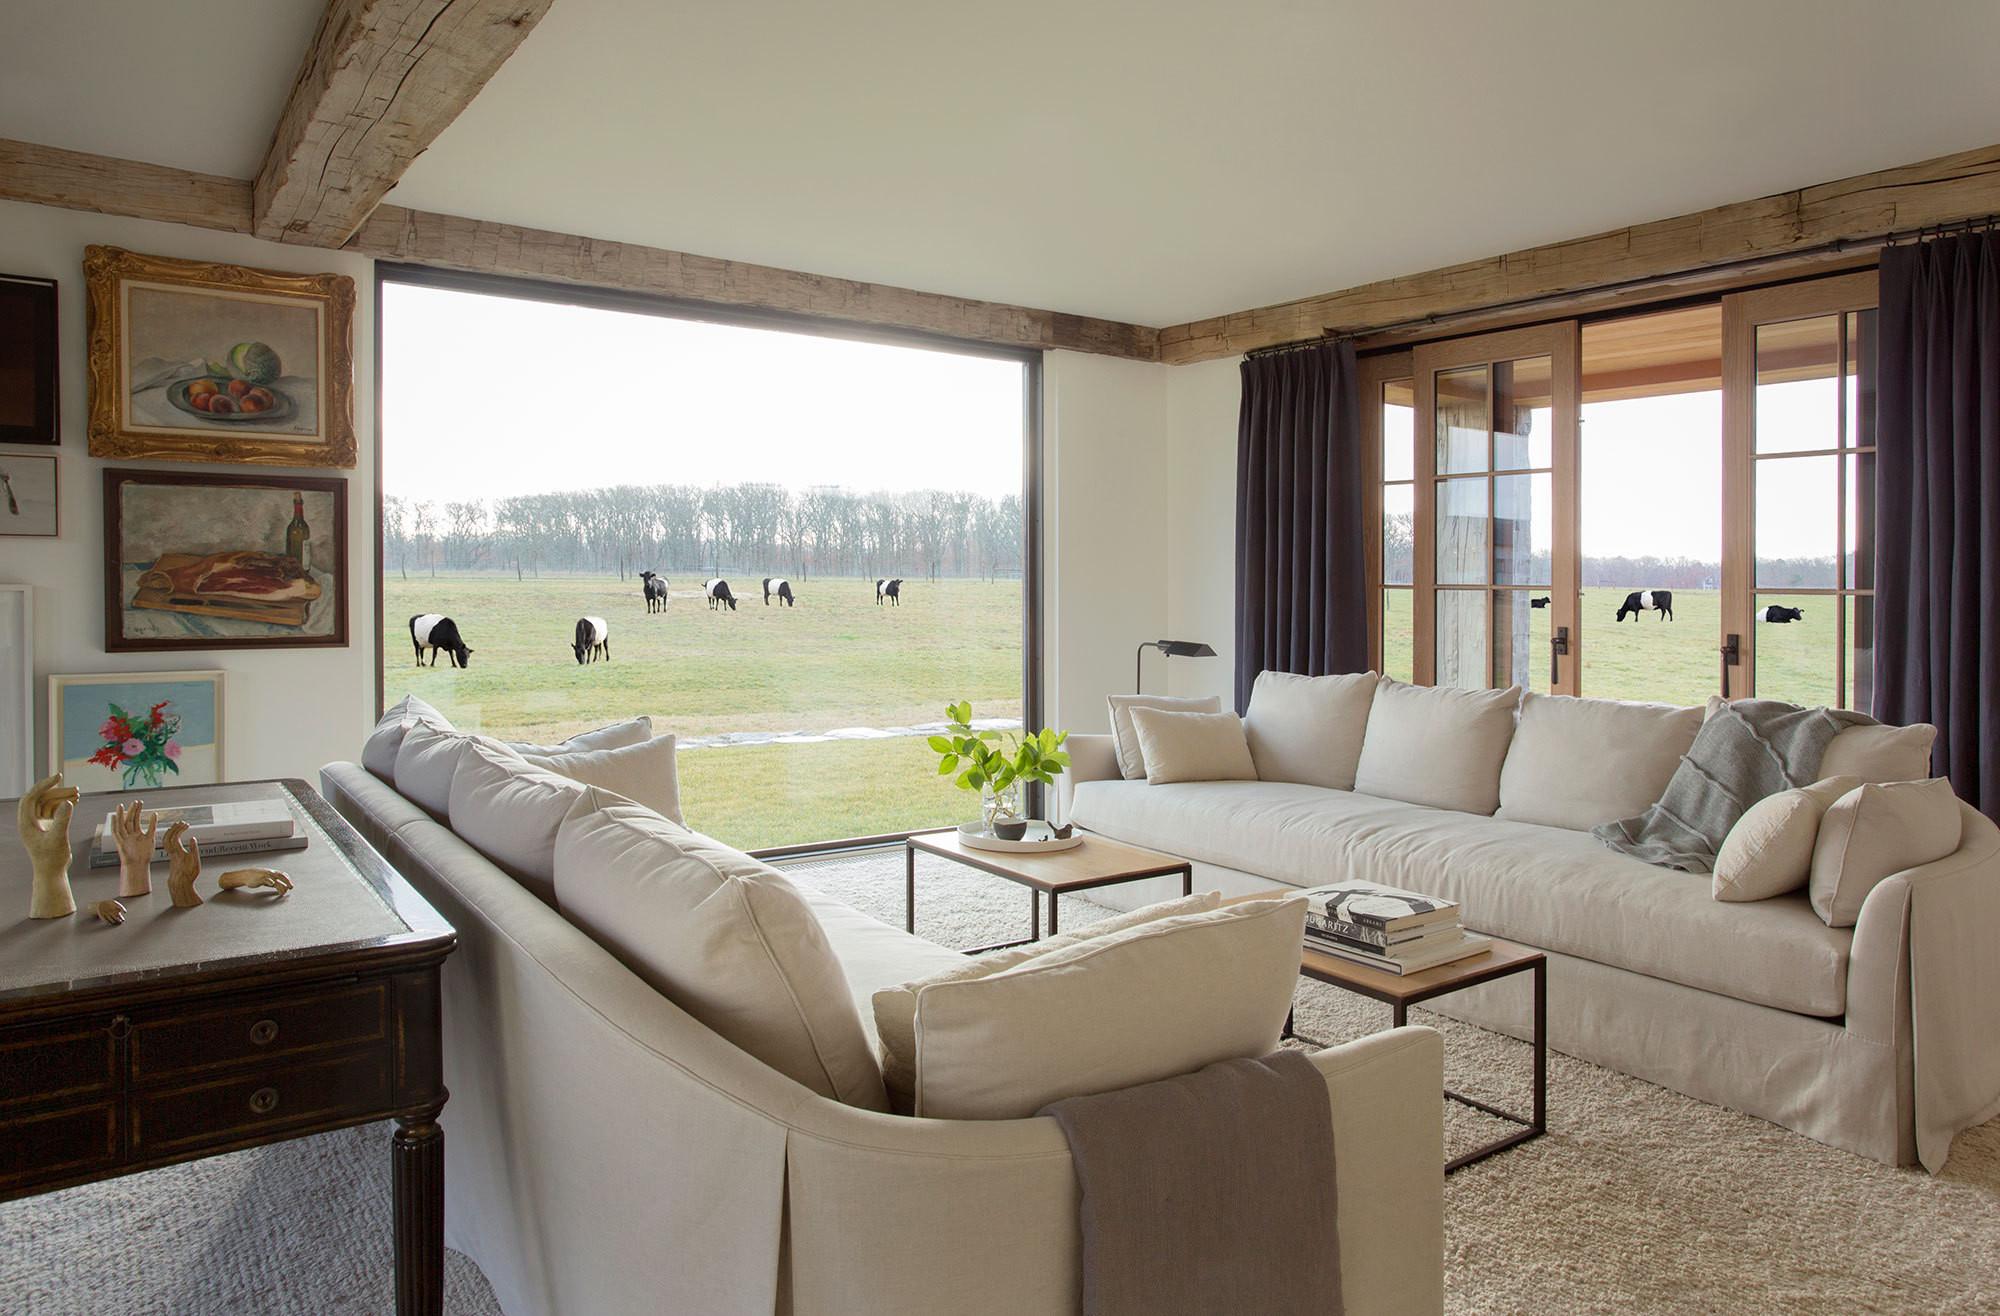 صورة ديكور المنزل , لمسه جميله و تصميمات رائعه لديكور منزل